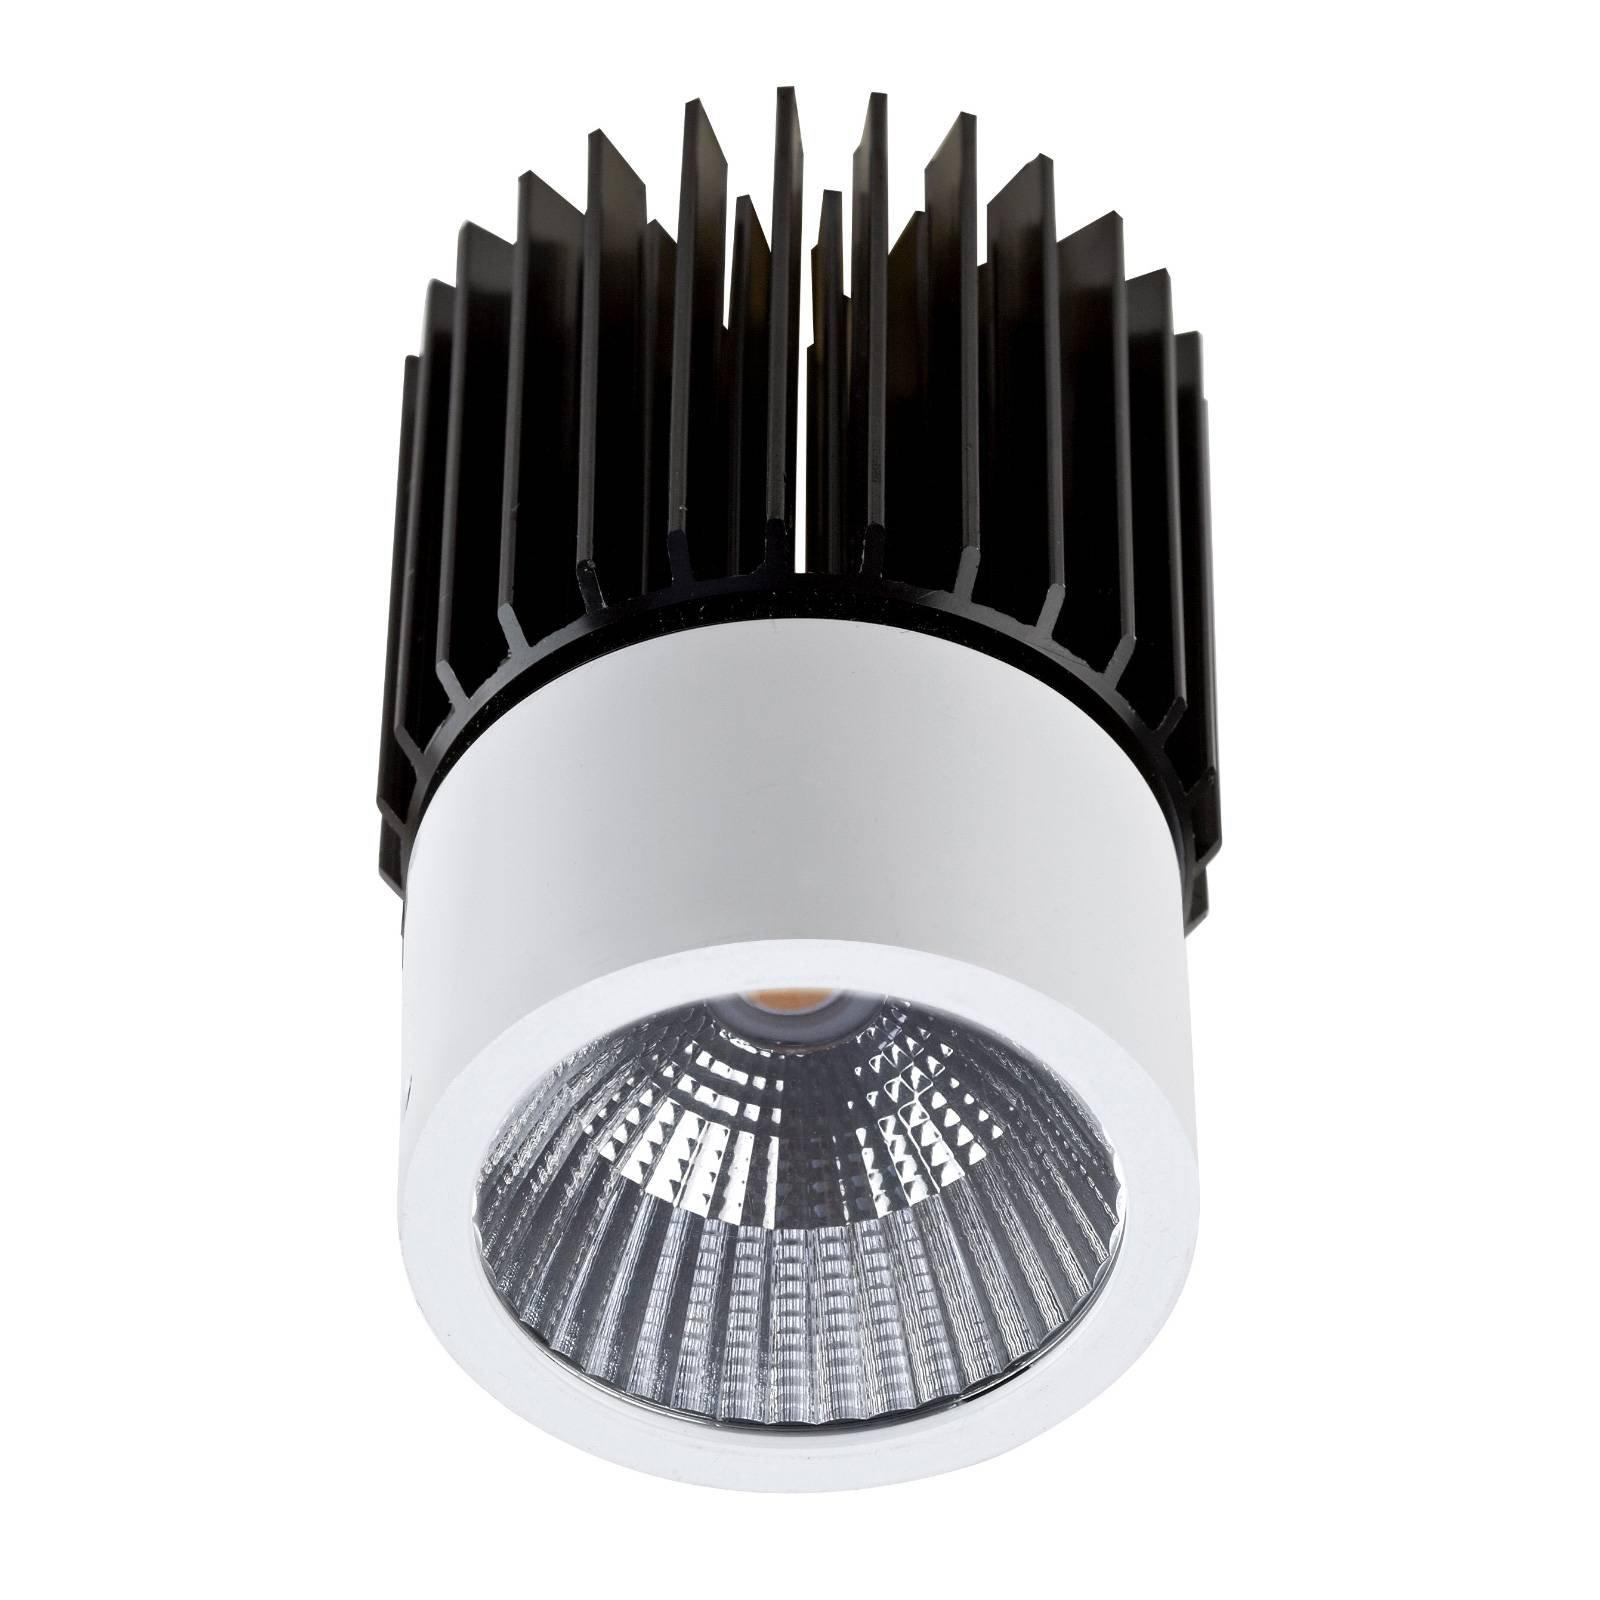 LEDS-C4 Play innbygget taklampe med LED, 4 000 K